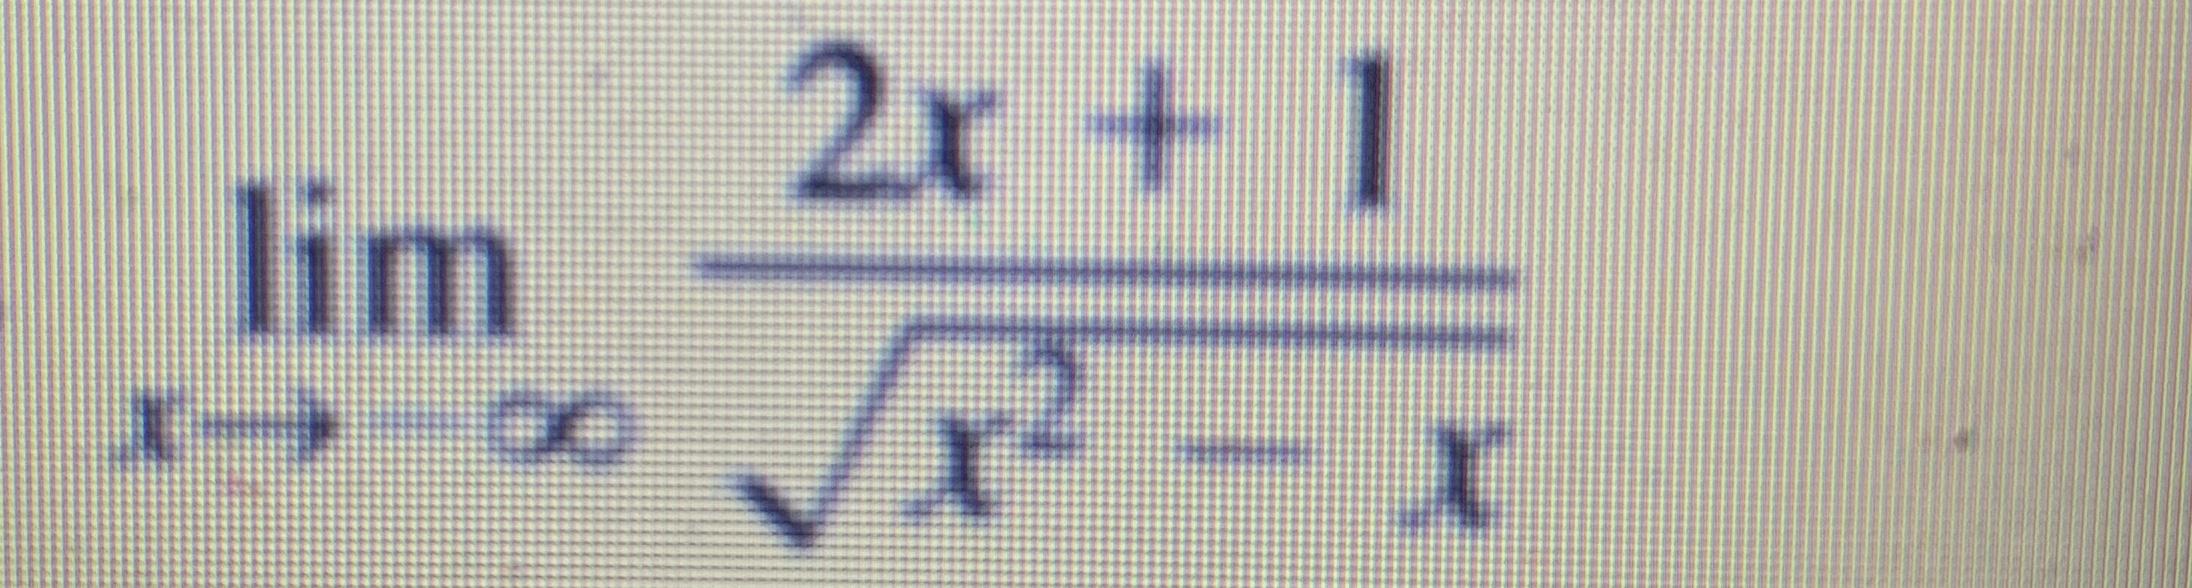 2x + 1 lim